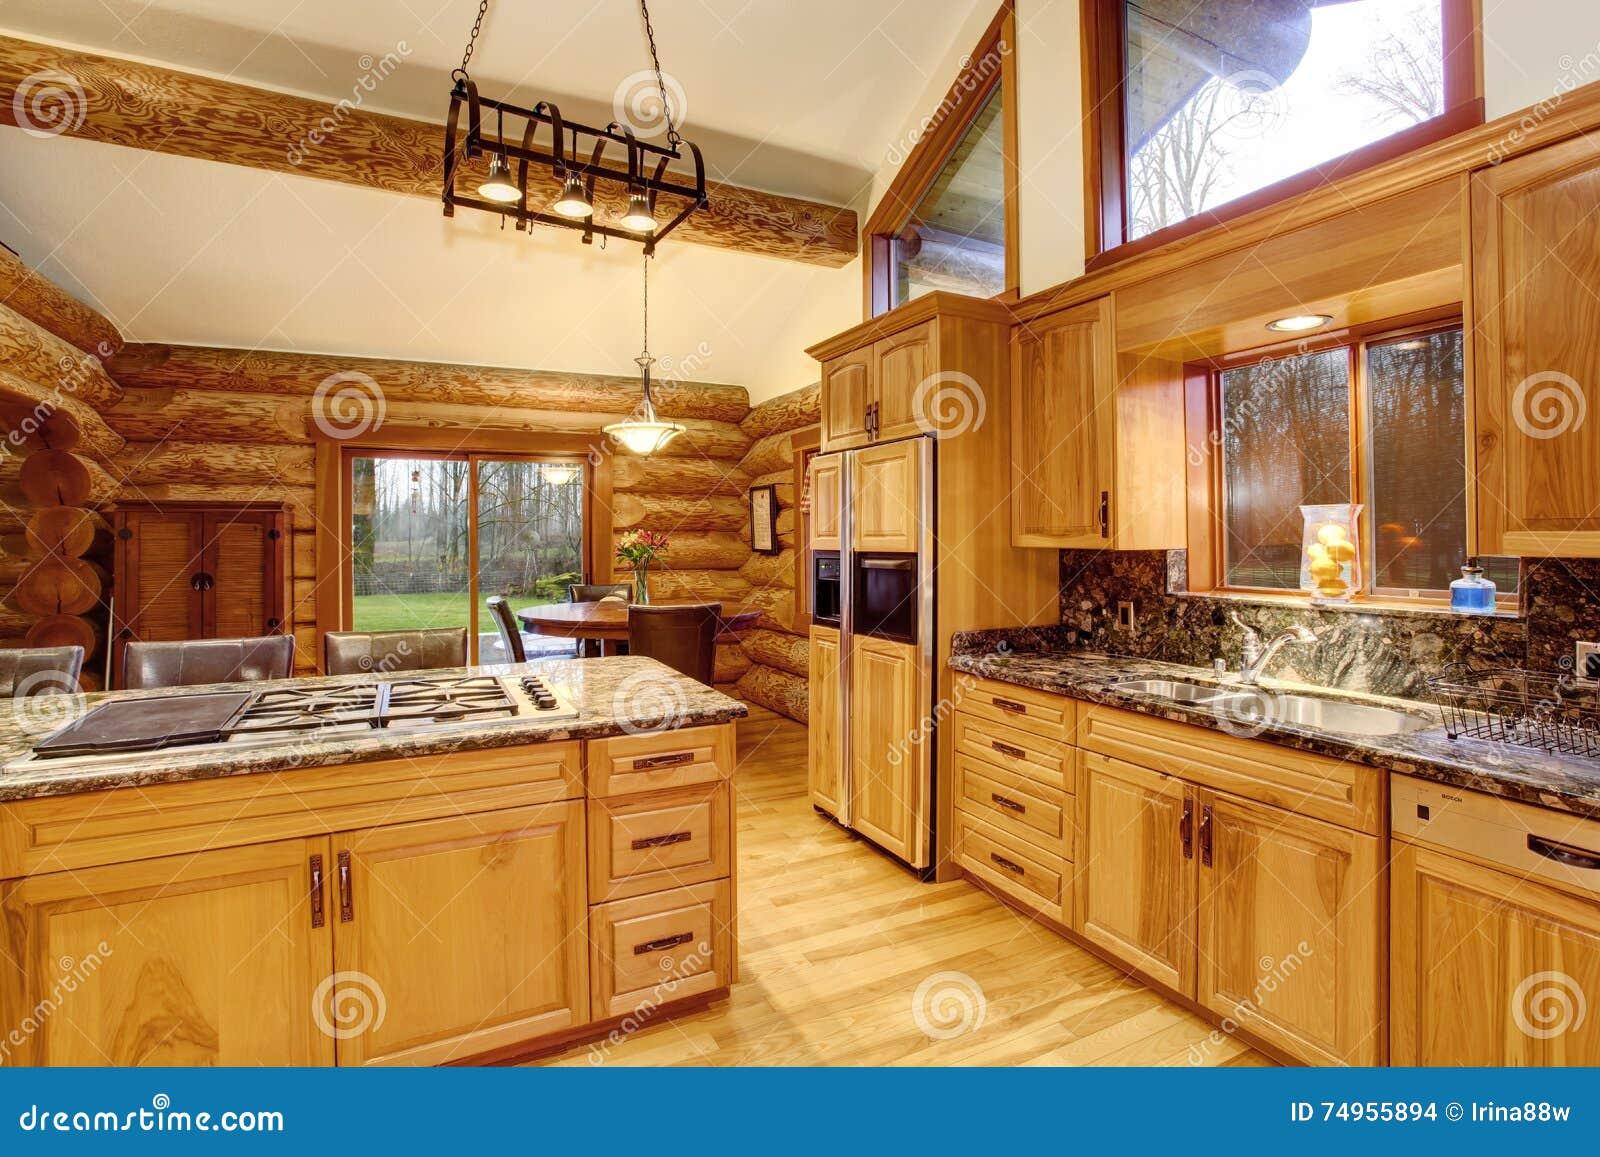 Dise O Interior De La Cocina De La Caba A De Madera Con